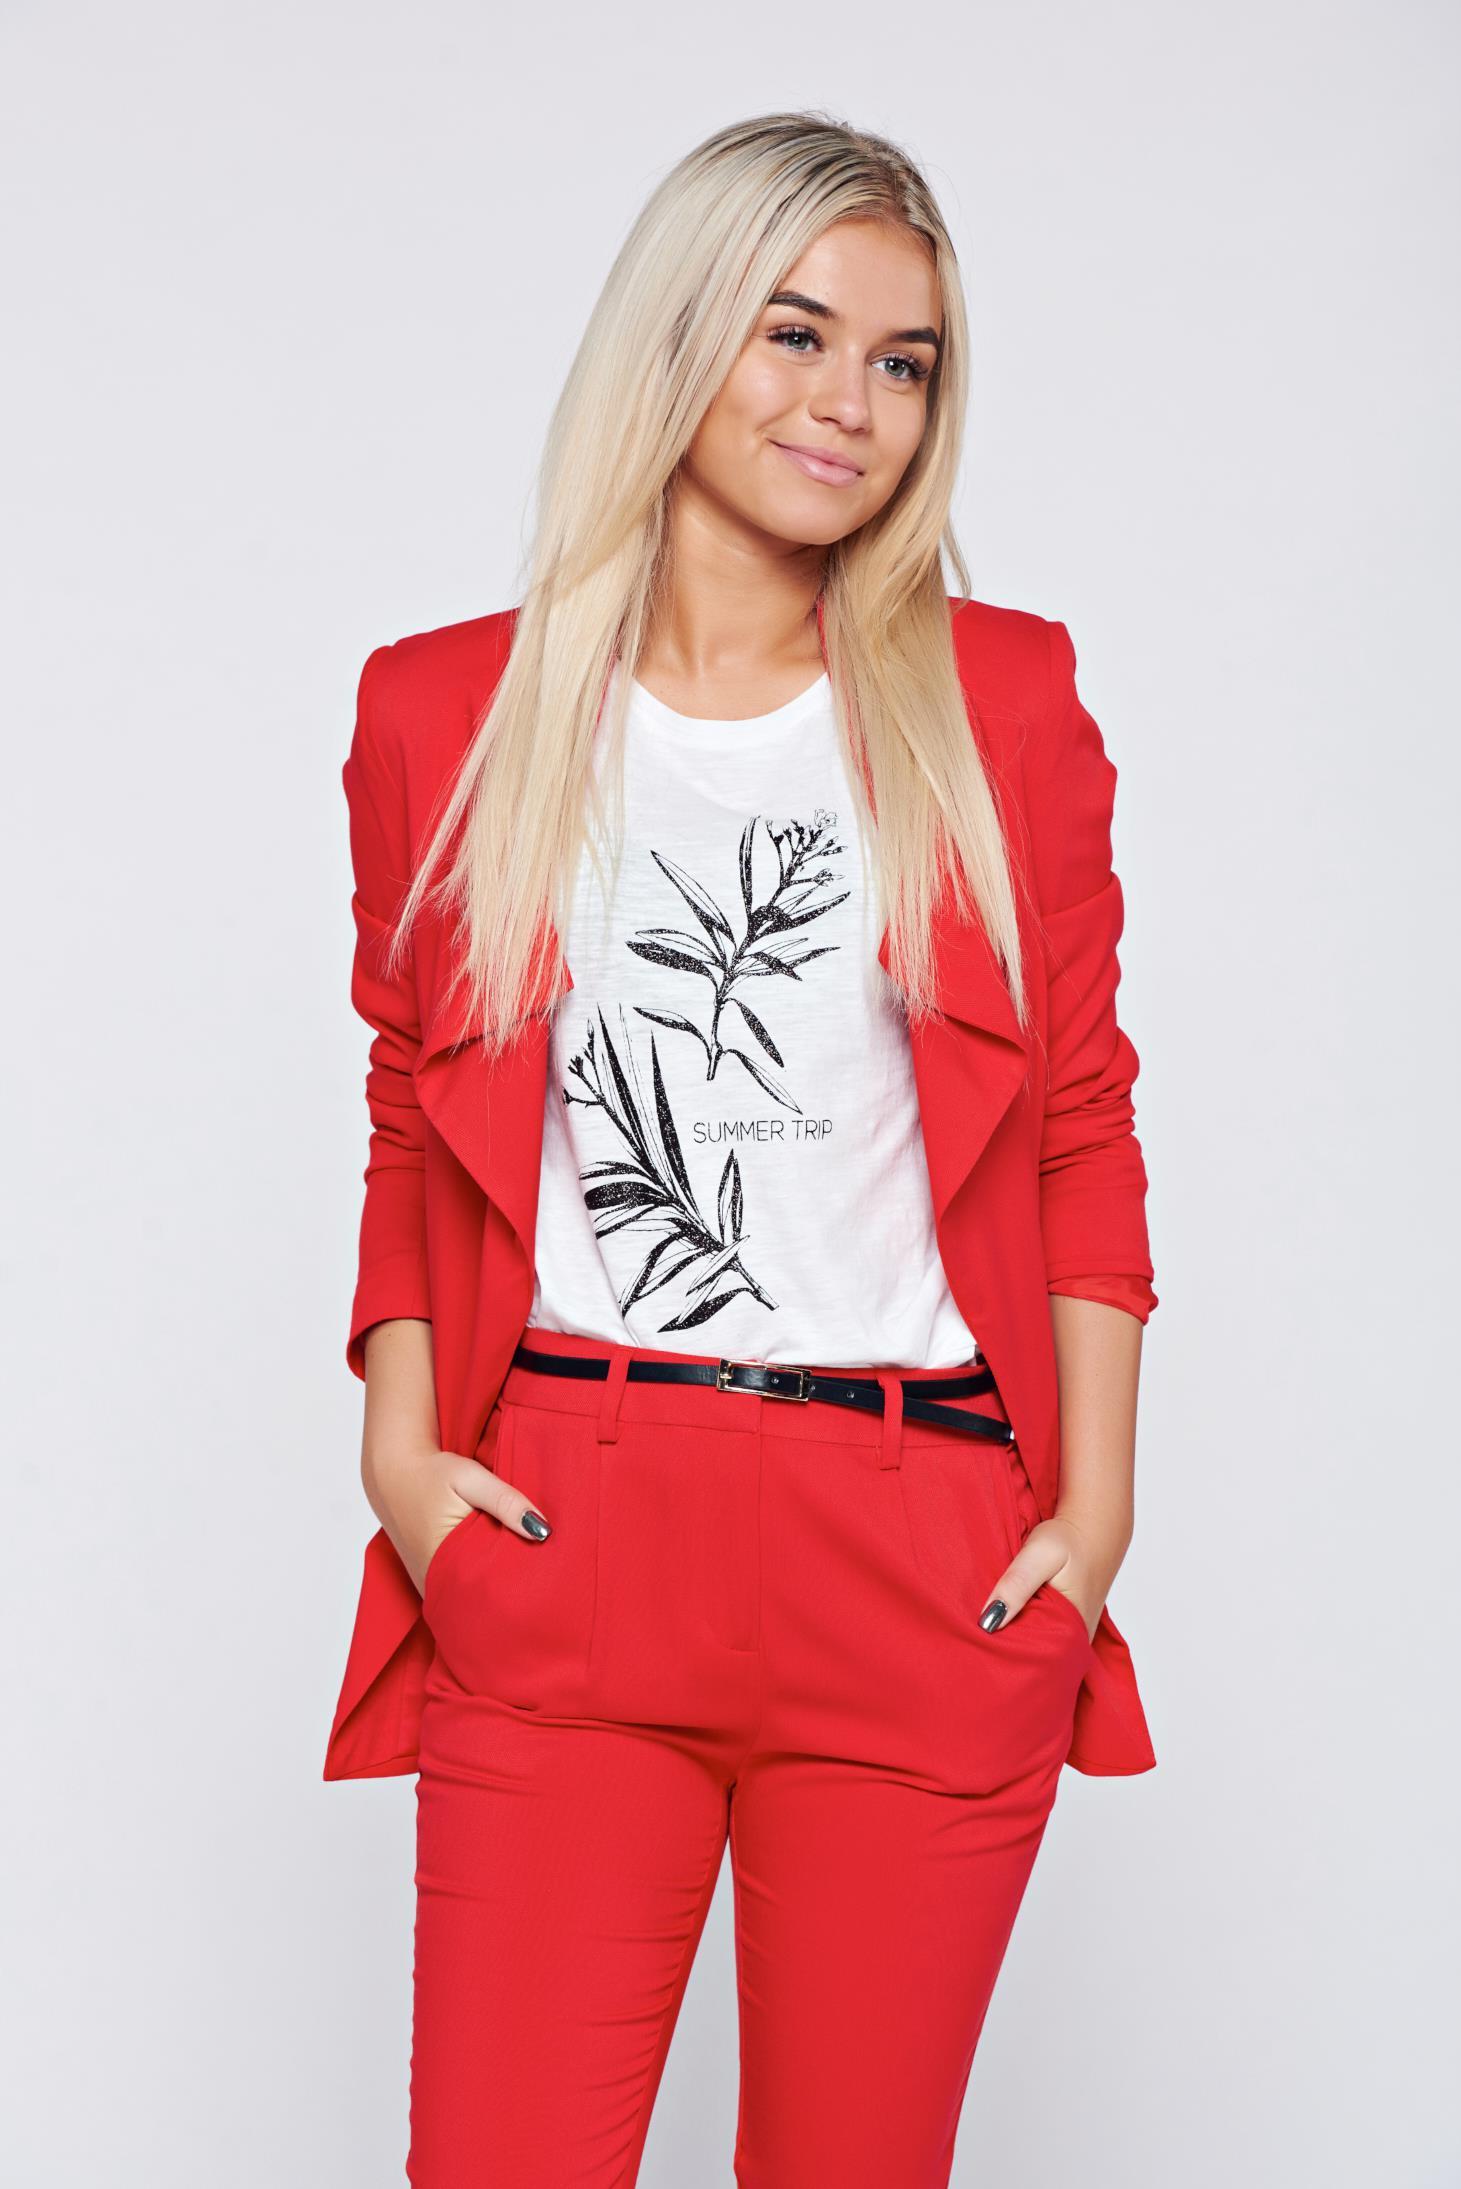 porți roșu cu ocazia noului an chinezesc. porți sacou și pantaloni roșii la birou cu ocazia noului an chinezesc